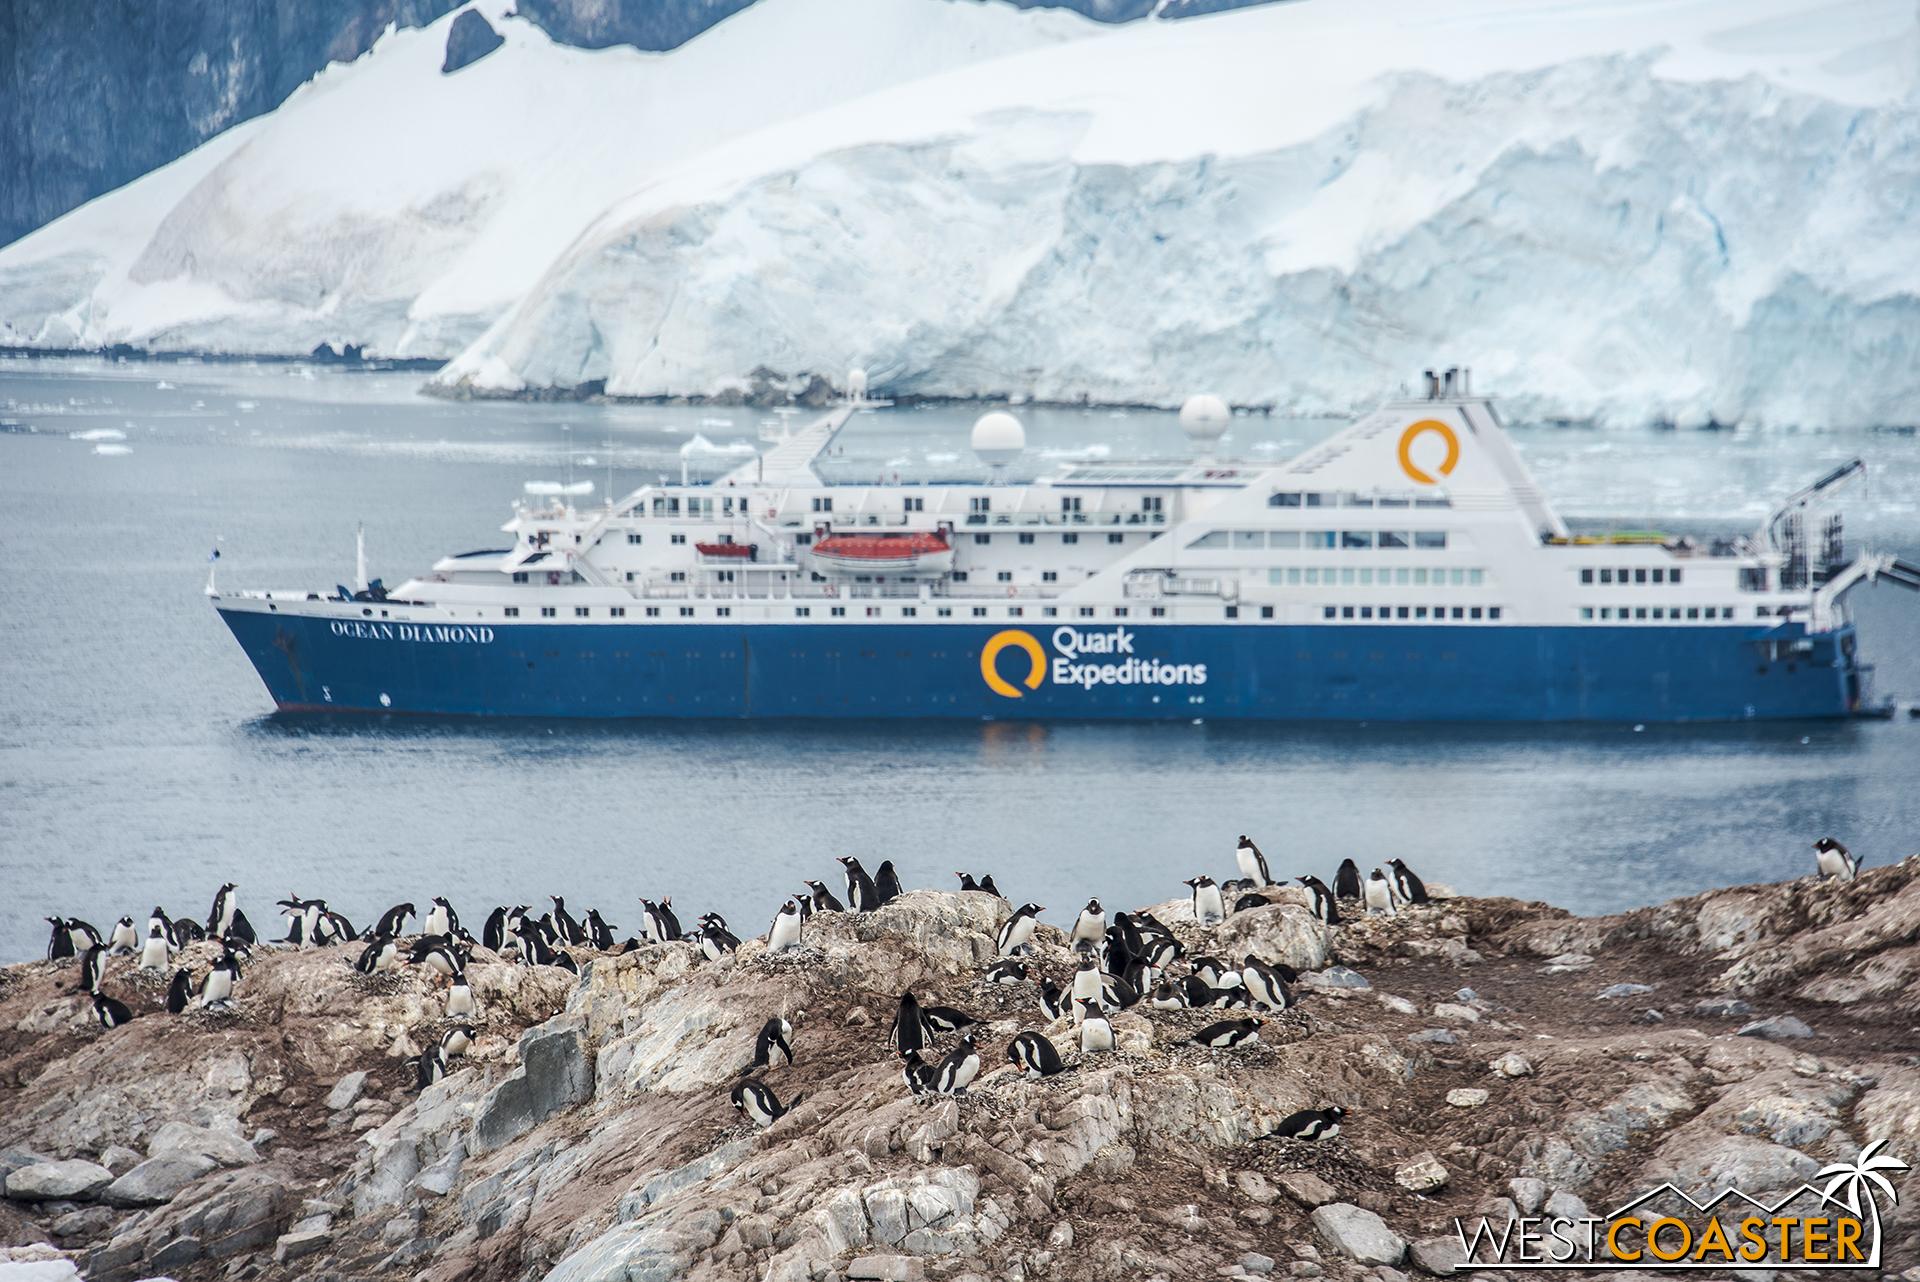 Antarctica-18_0314-0065.jpg